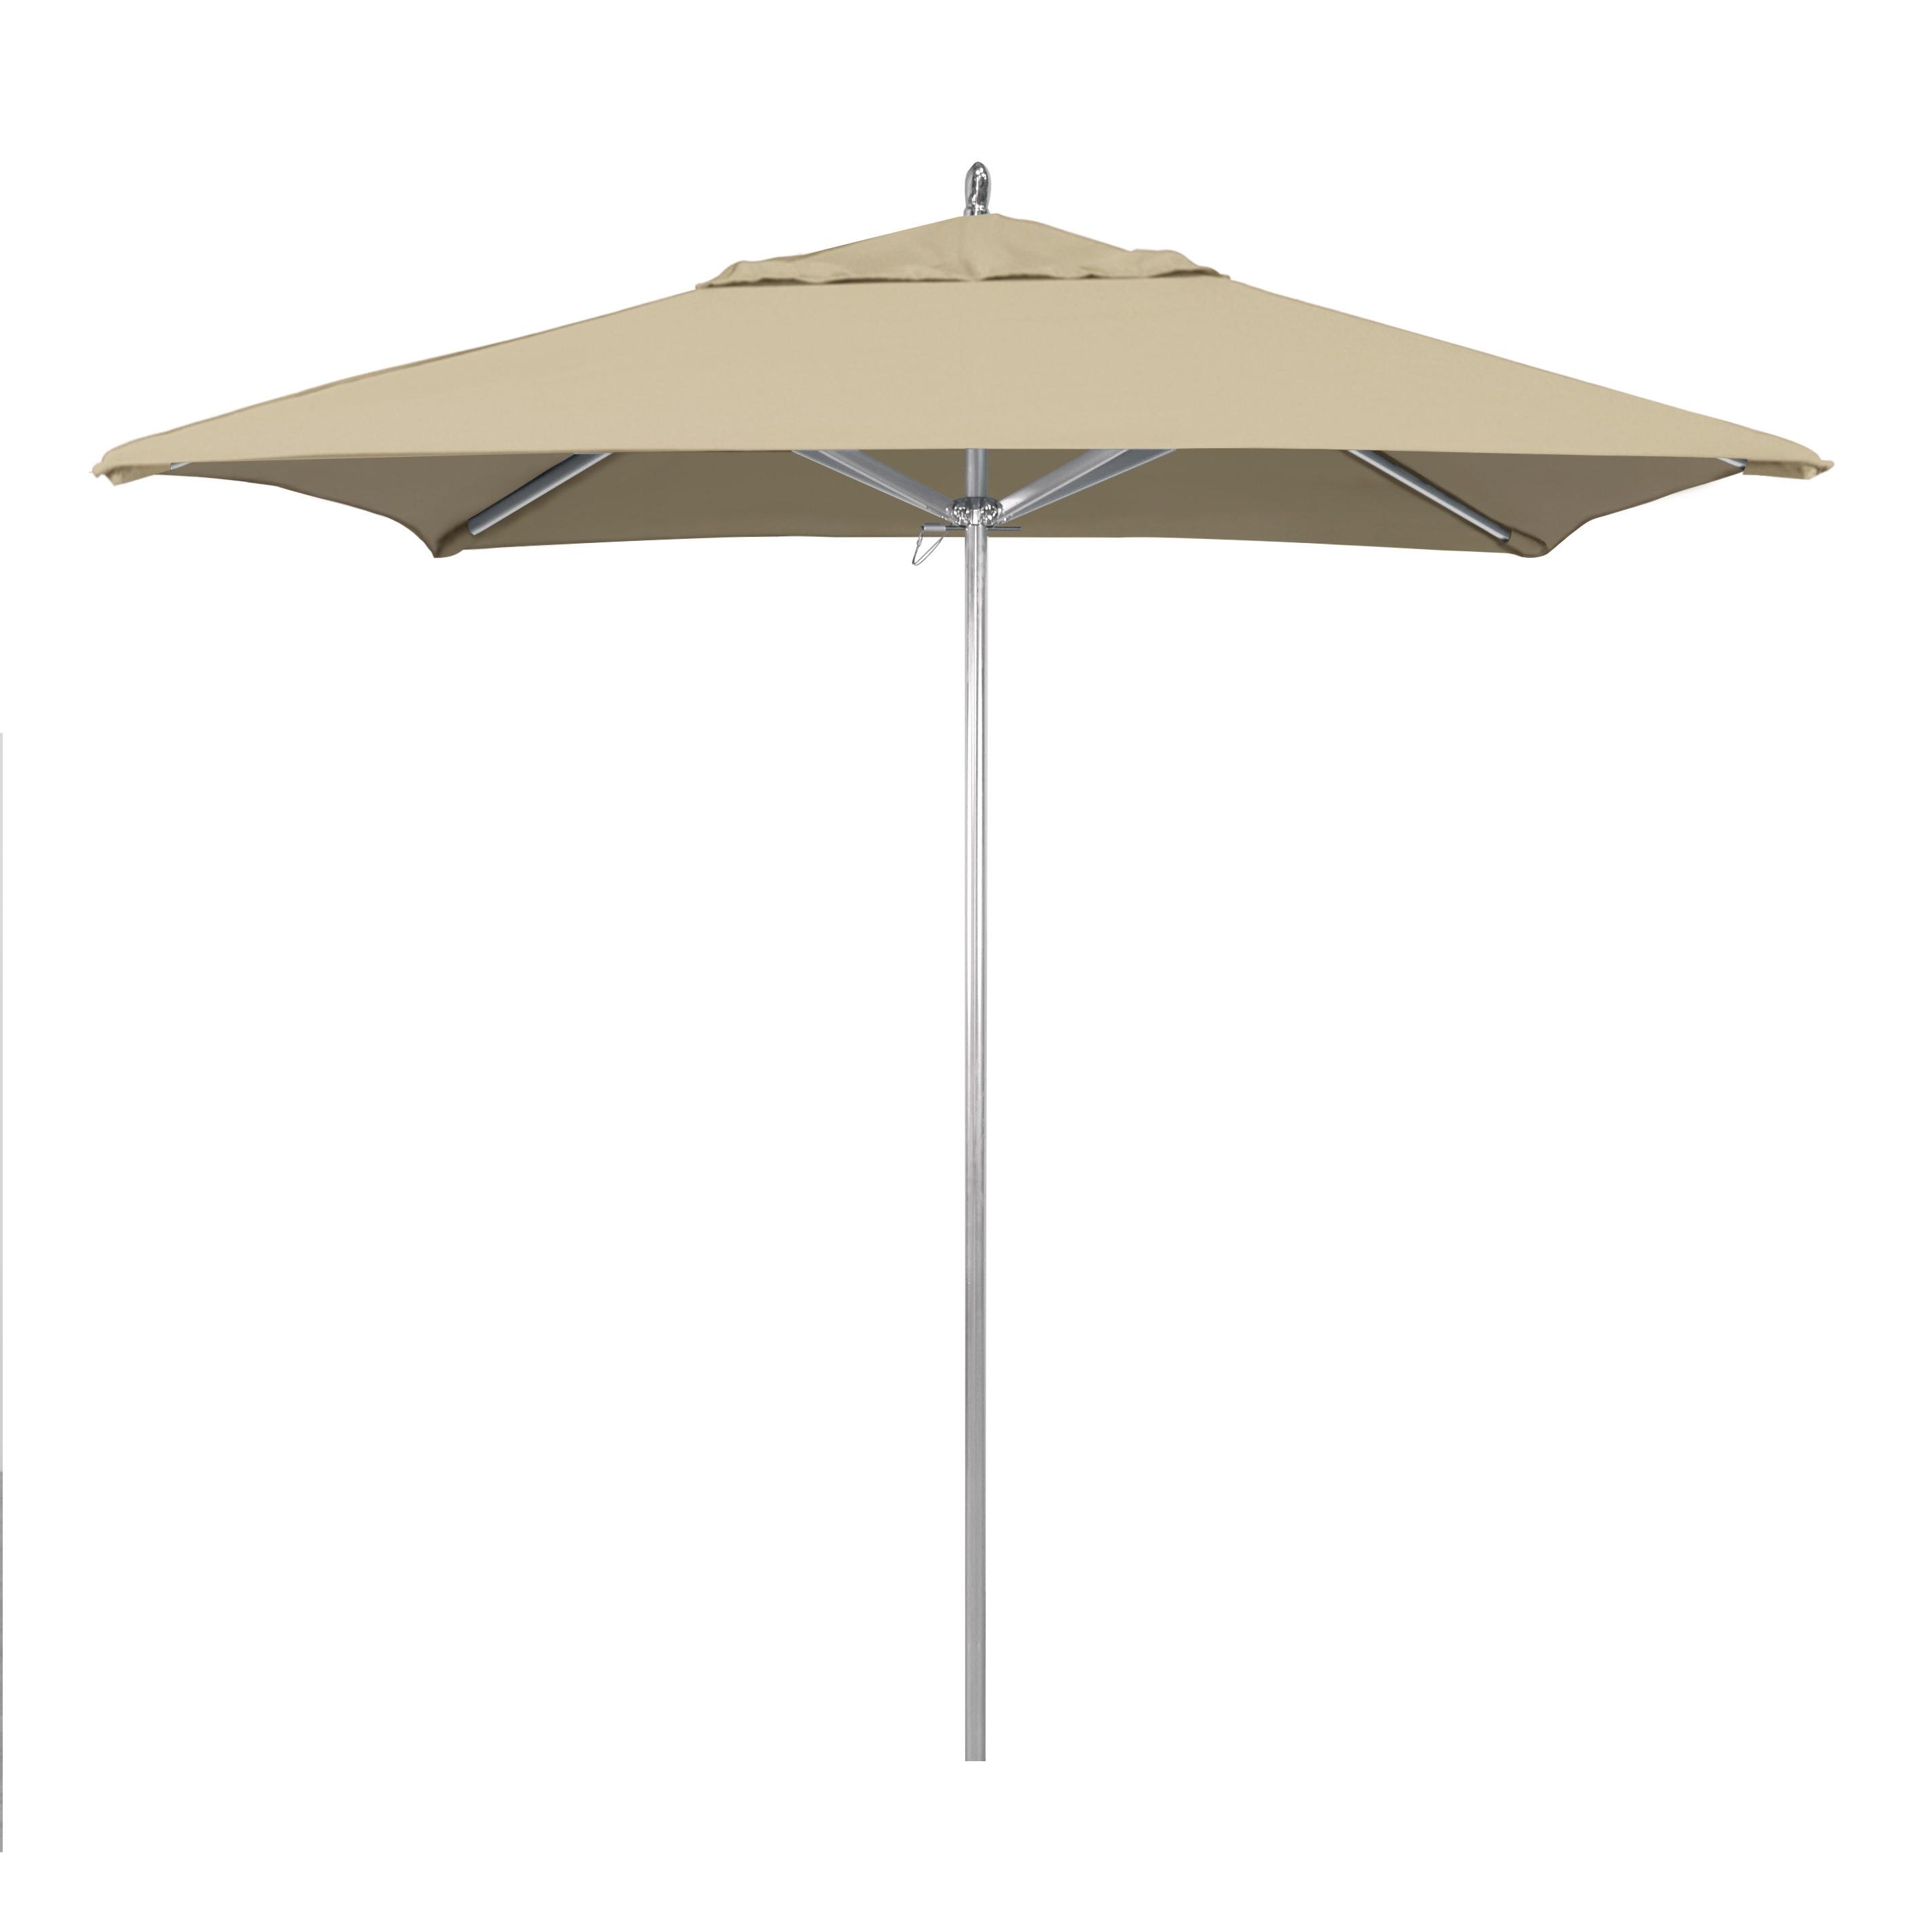 Popular Rodeo Series 11' Market Sunbrella Umbrella Throughout Wiebe Market Sunbrella Umbrellas (View 11 of 20)